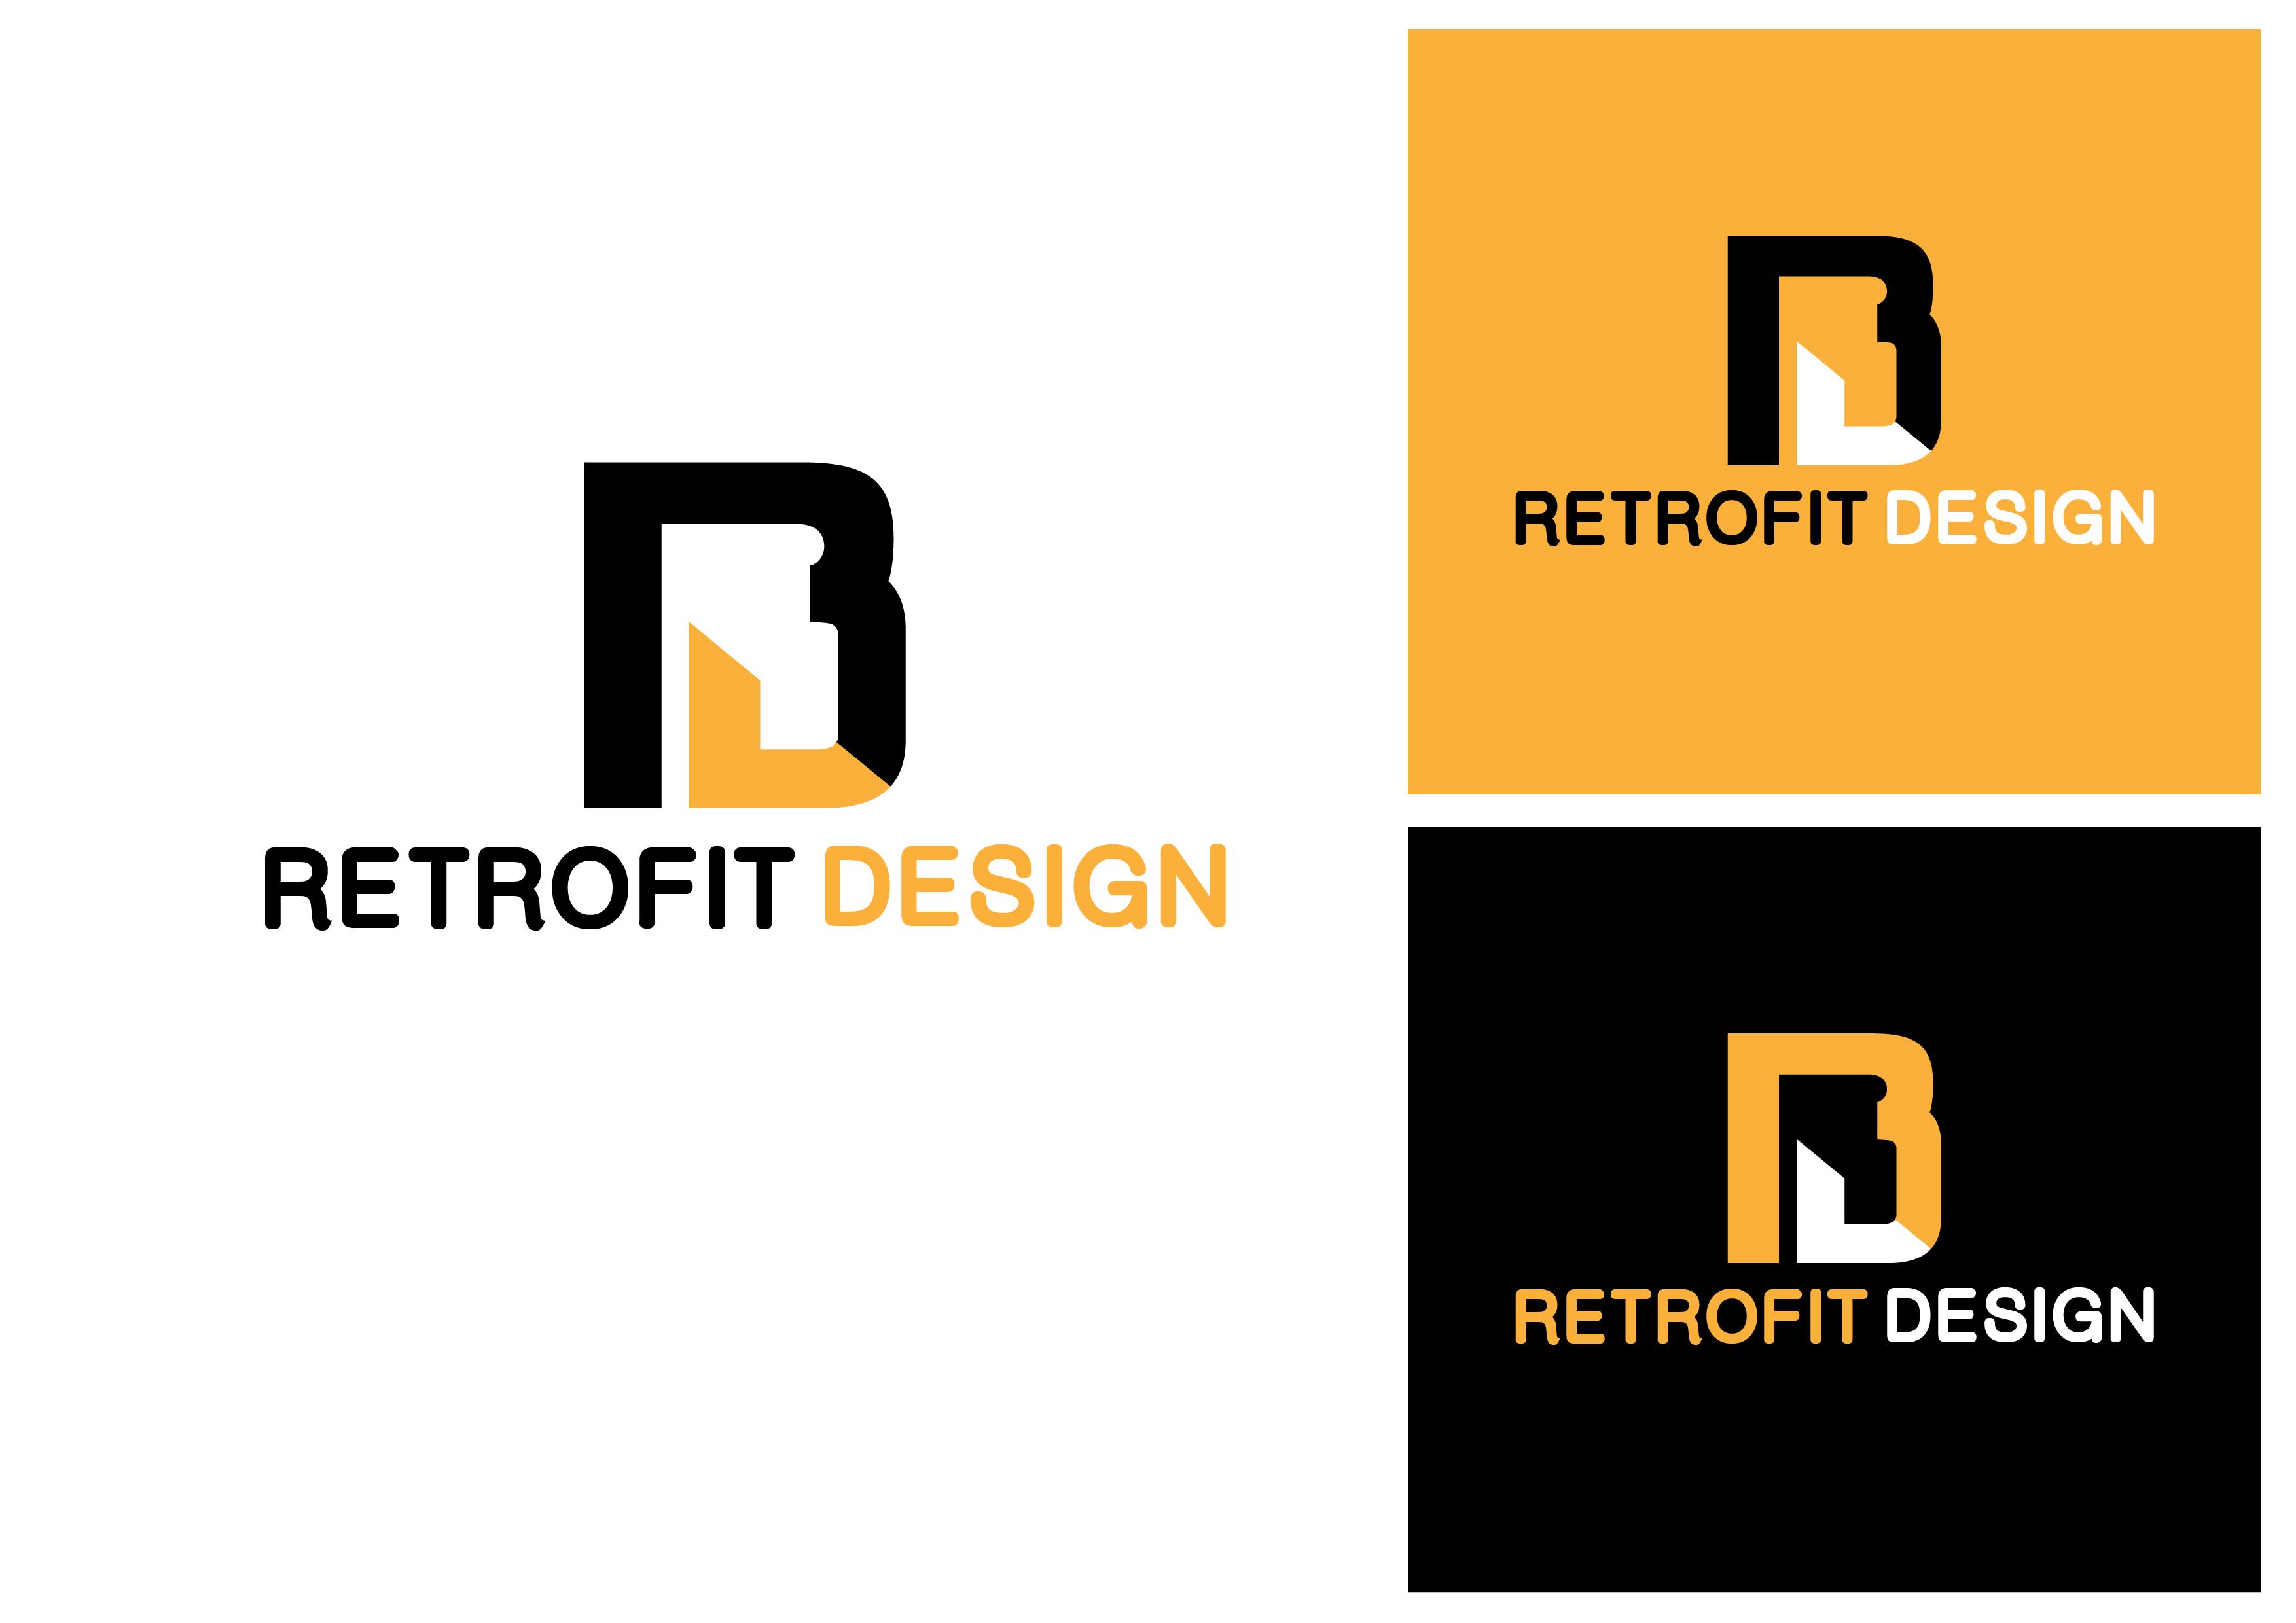 Logo Design by 3draw - Entry No. 176 in the Logo Design Contest Inspiring Logo Design for retrofit design.